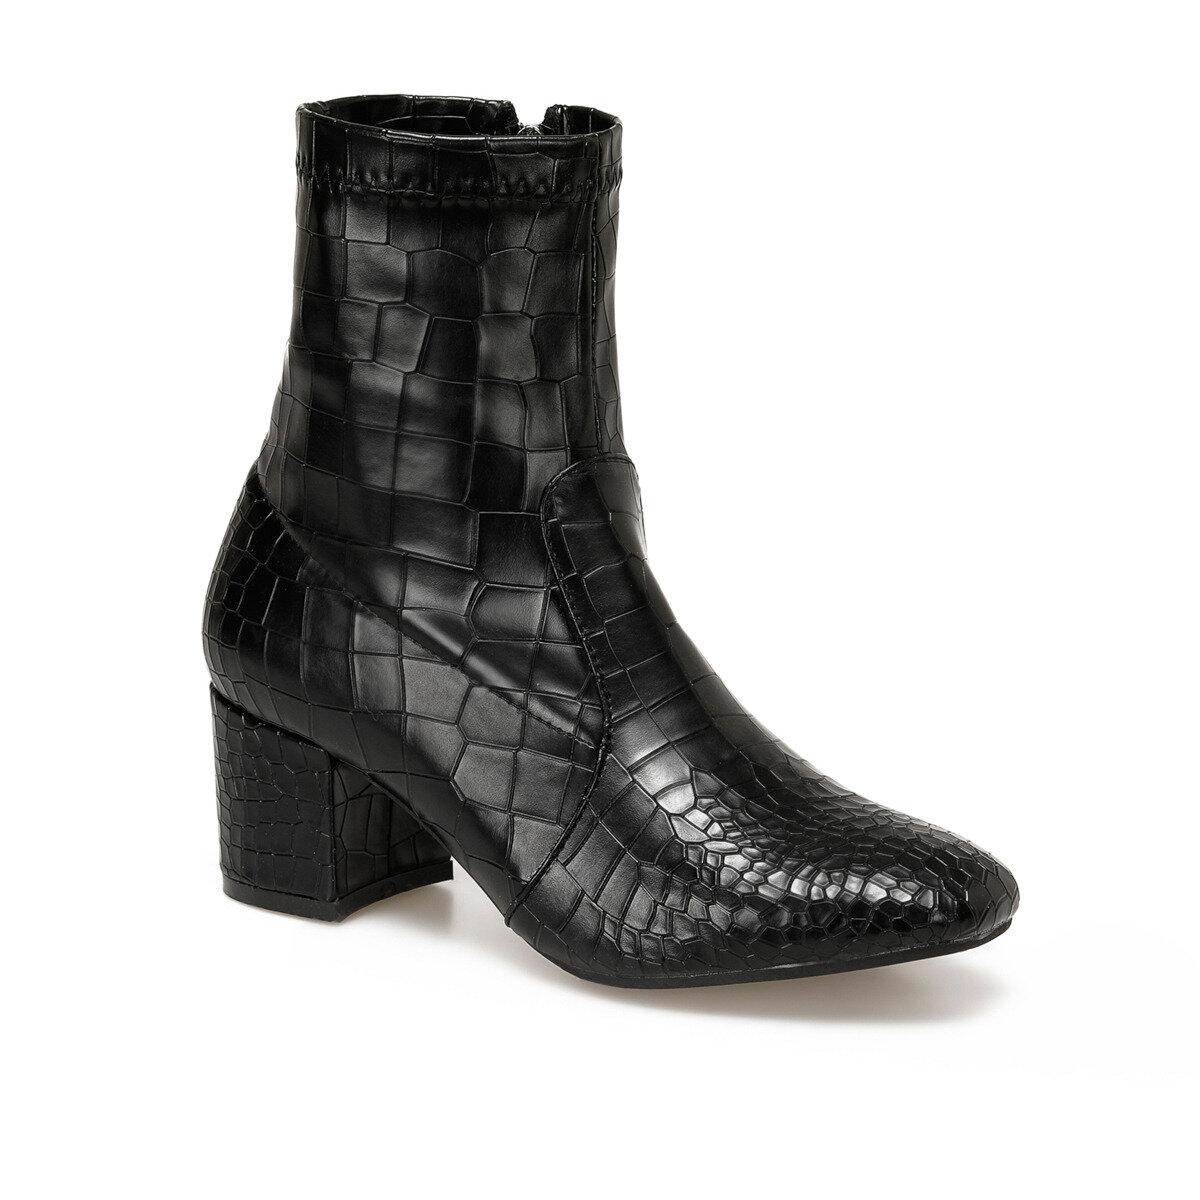 FLO LUSİ Black Female High-Heeled Boots BUTIGO